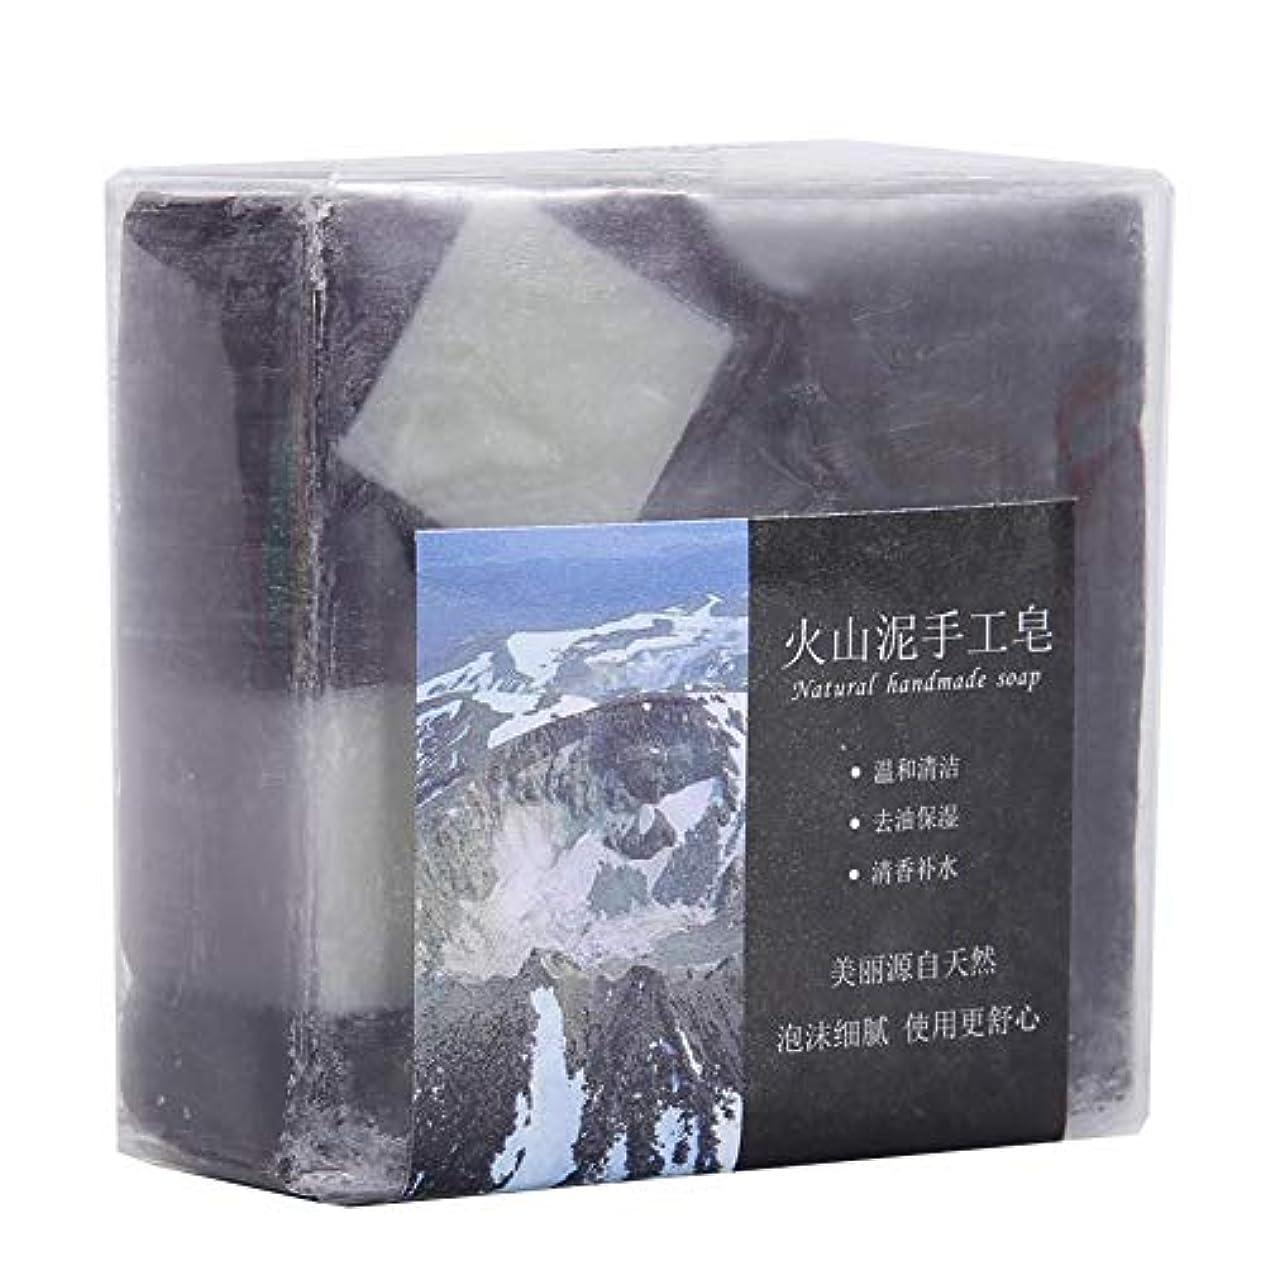 調停する特性リンケージディープクリーニング 火山泥 ハンドメイドグリース 保湿石鹸用 100 G 手作り石鹸